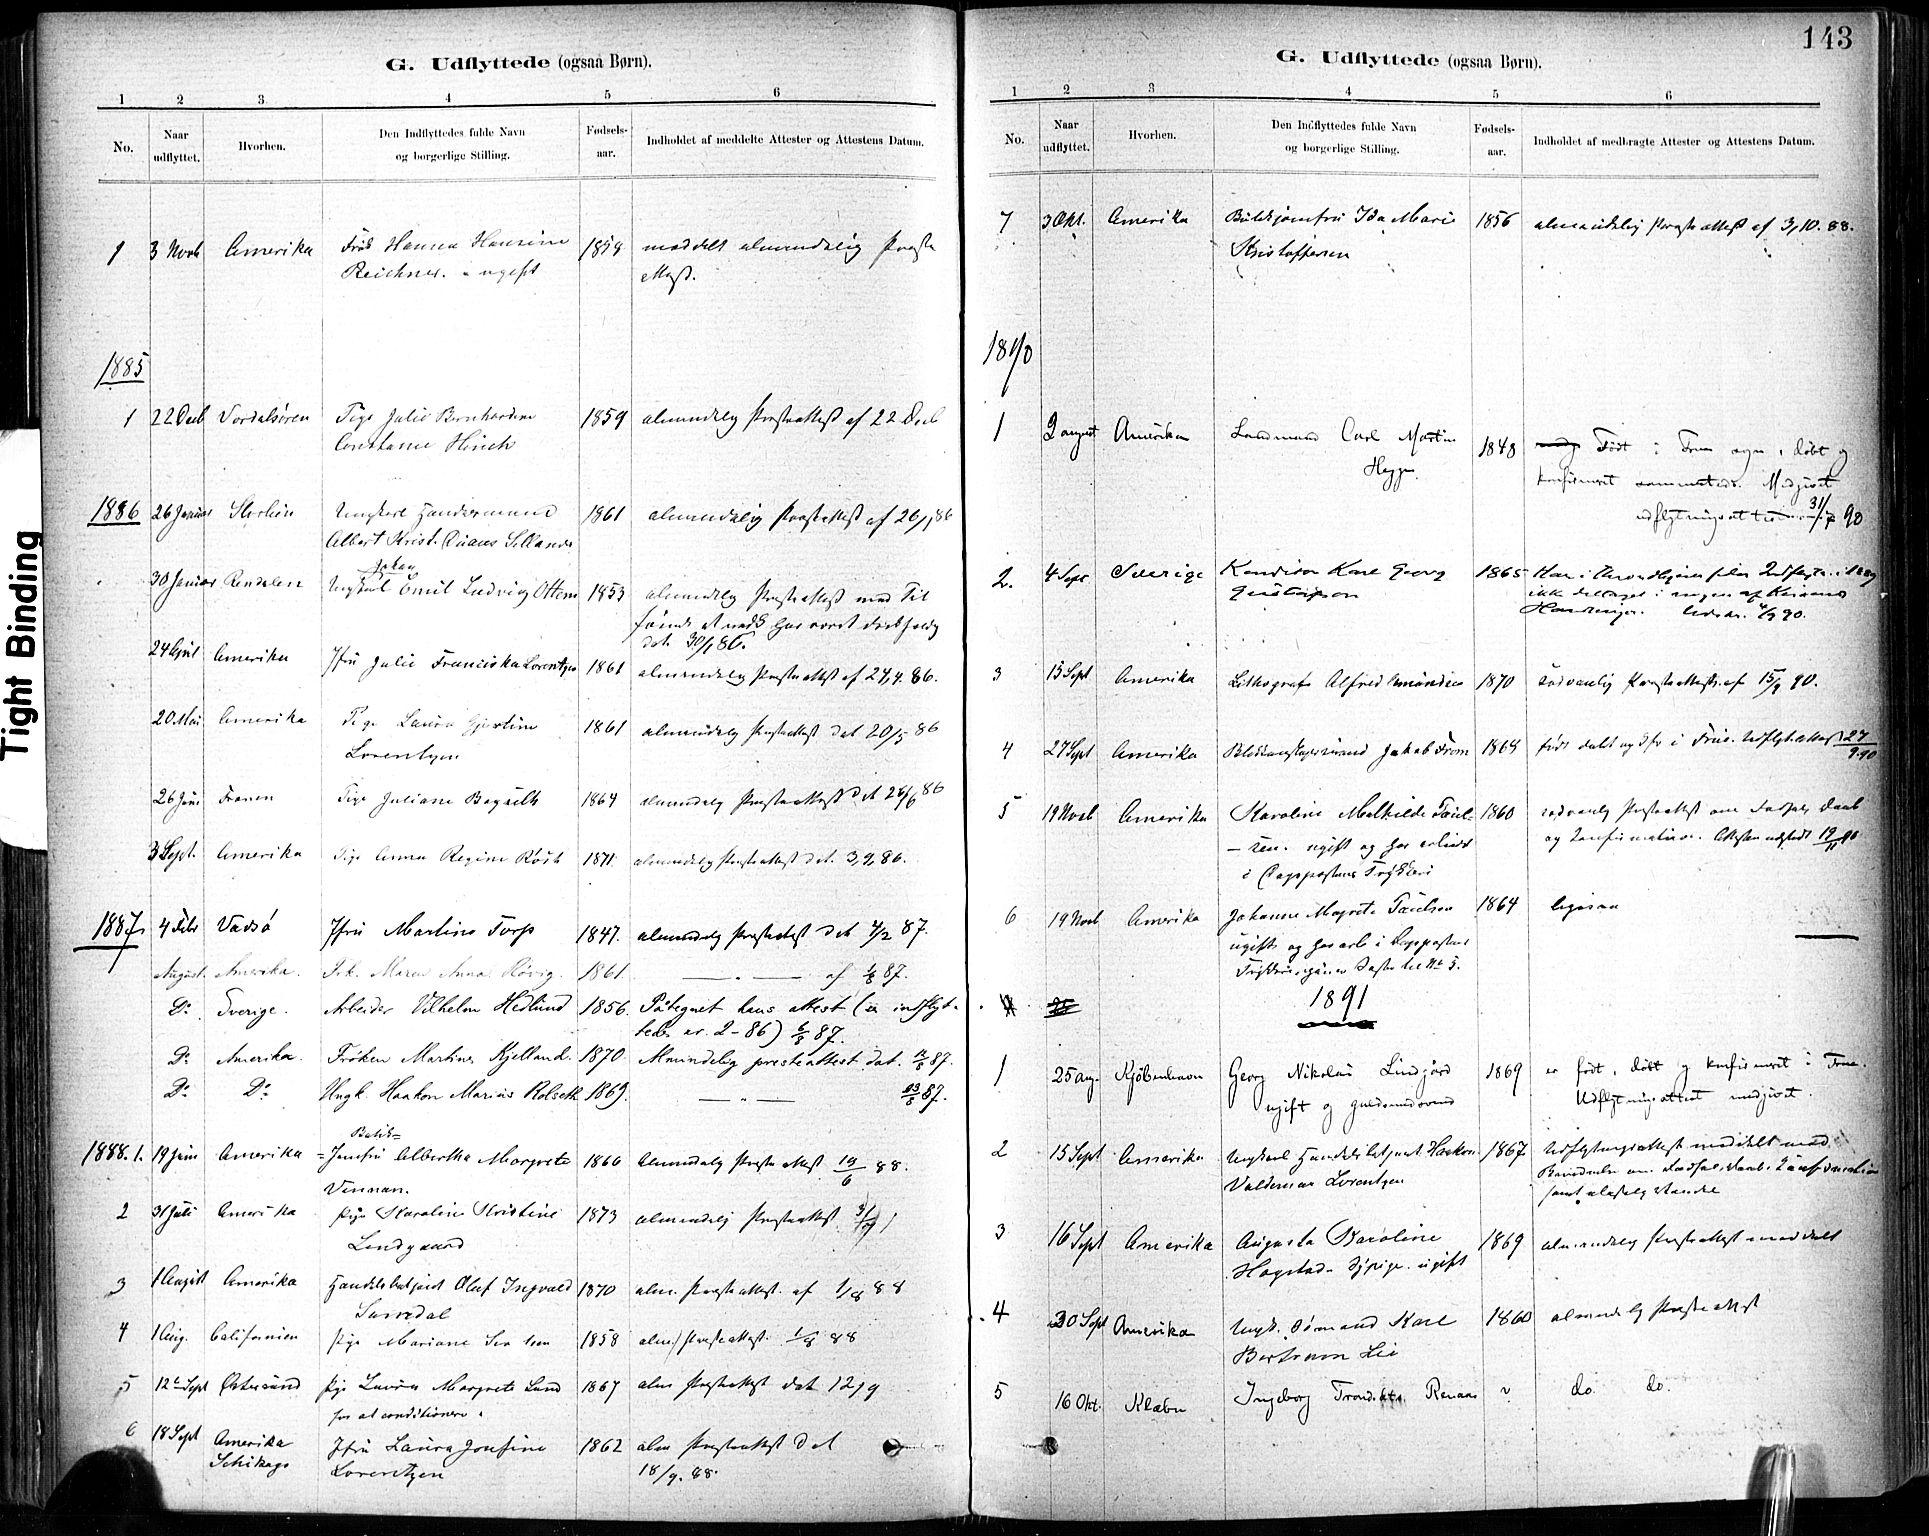 SAT, Ministerialprotokoller, klokkerbøker og fødselsregistre - Sør-Trøndelag, 602/L0120: Ministerialbok nr. 602A18, 1880-1913, s. 143